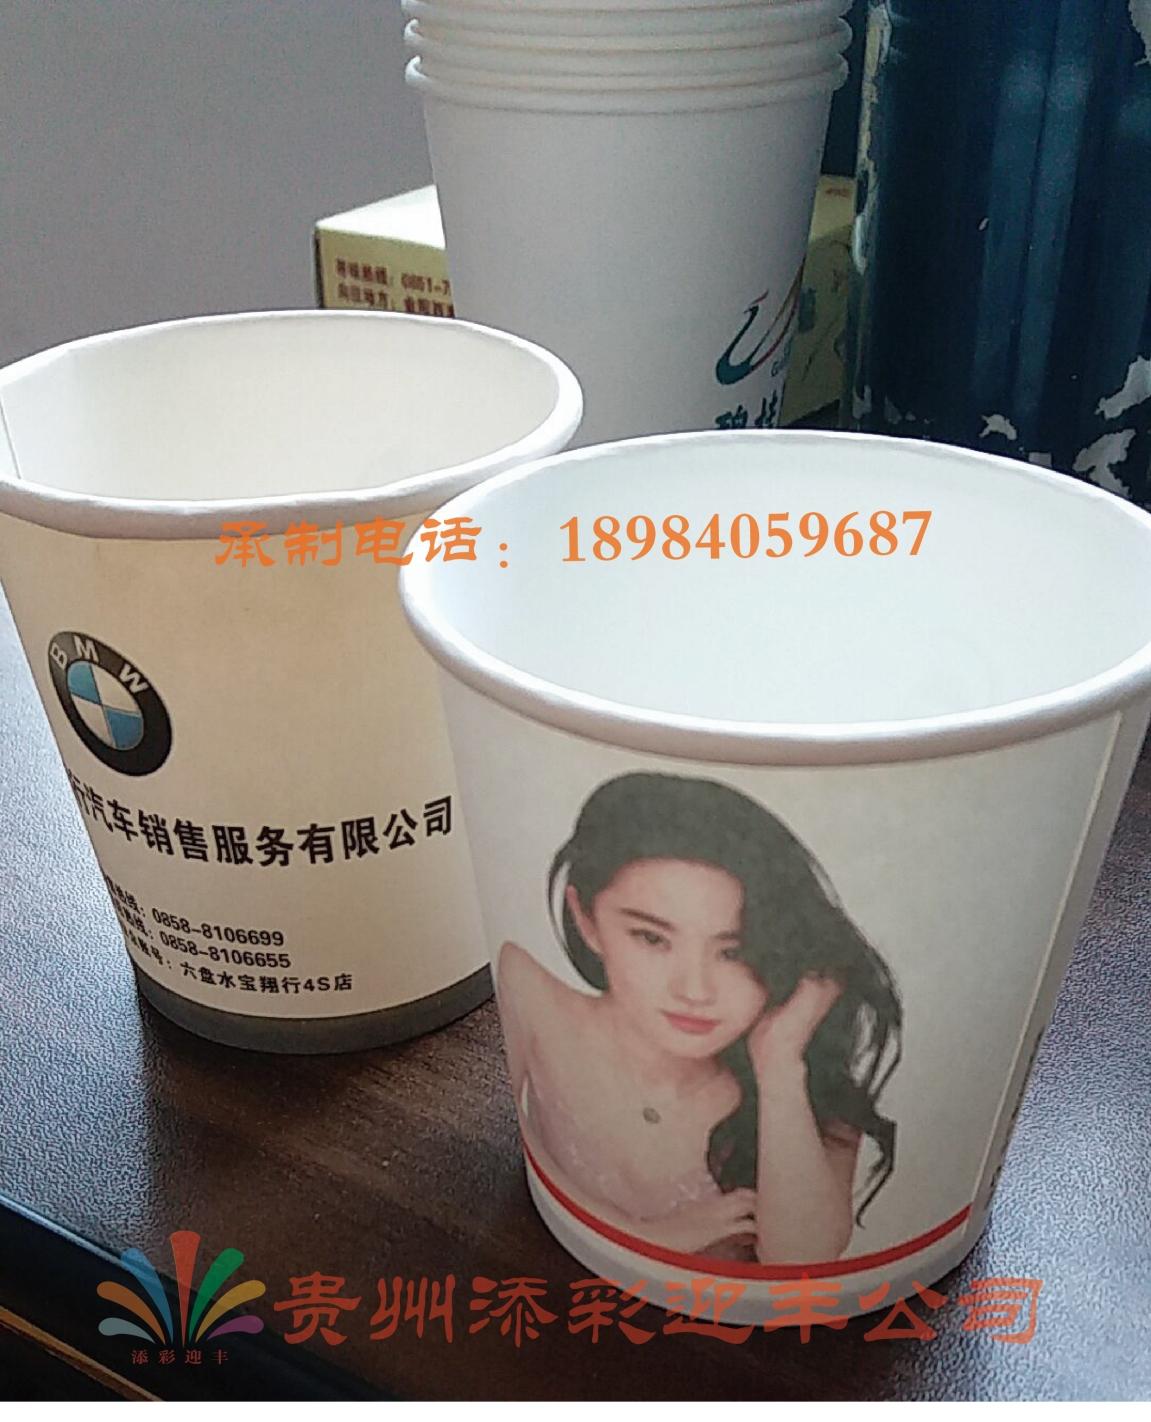 纸杯厂承接一次性纸杯印刷纸杯定制咖啡纸杯印刷广告纸杯定做